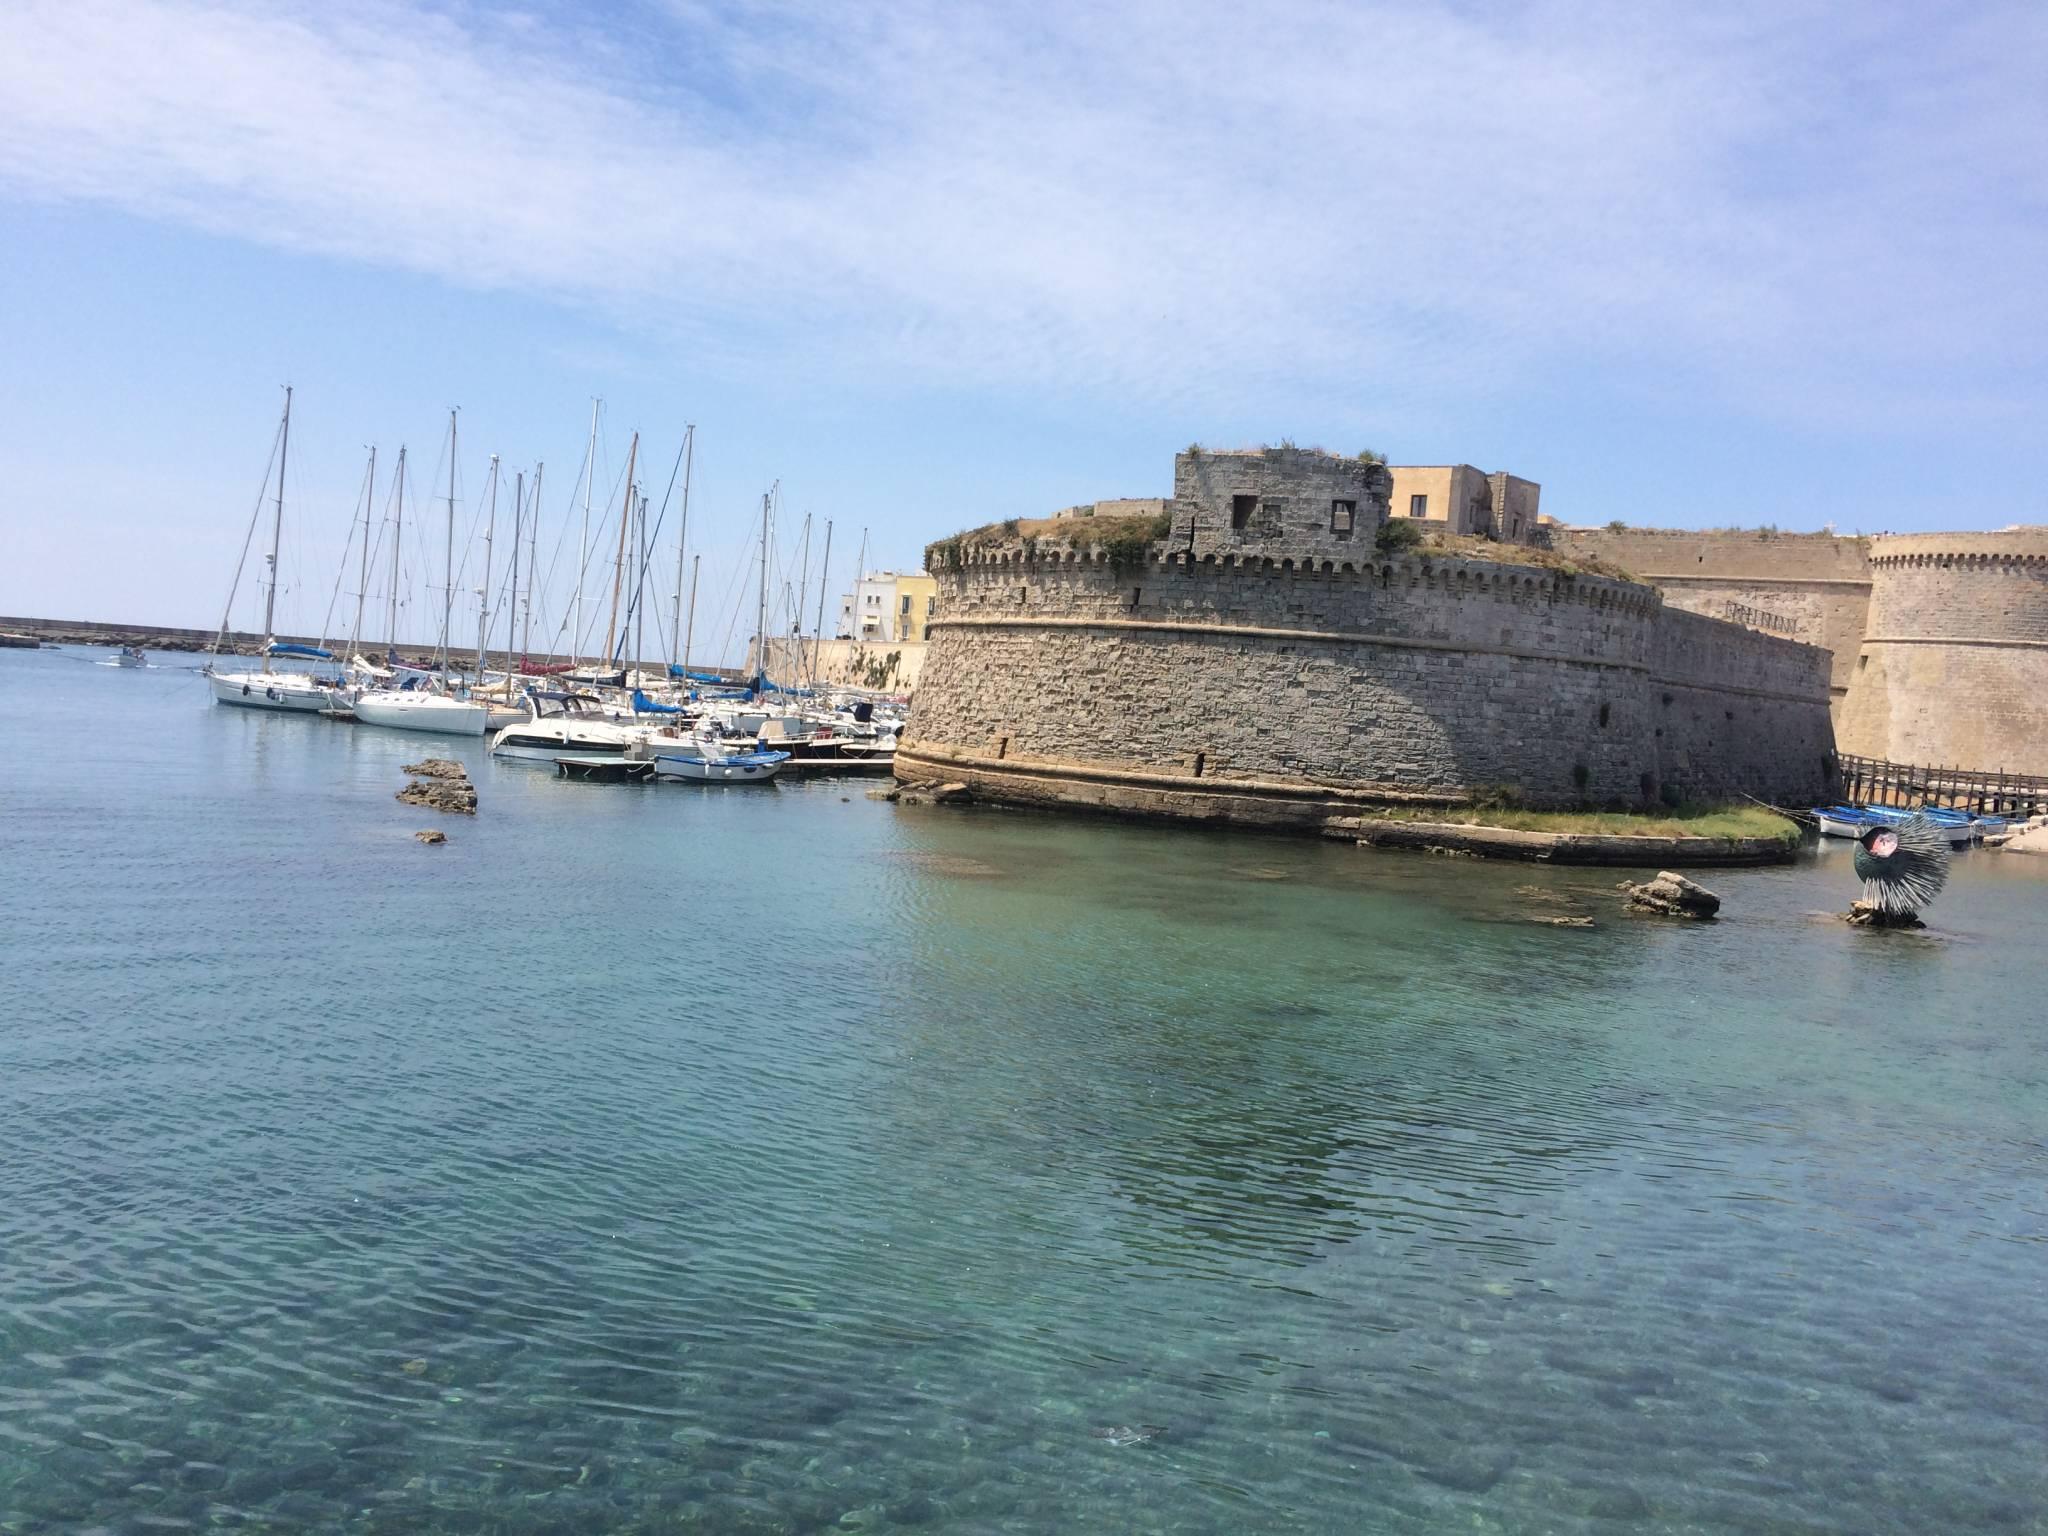 Visitare Gallipoli in modo nuovo: percorso bike nelle bellezze tra mare e terra